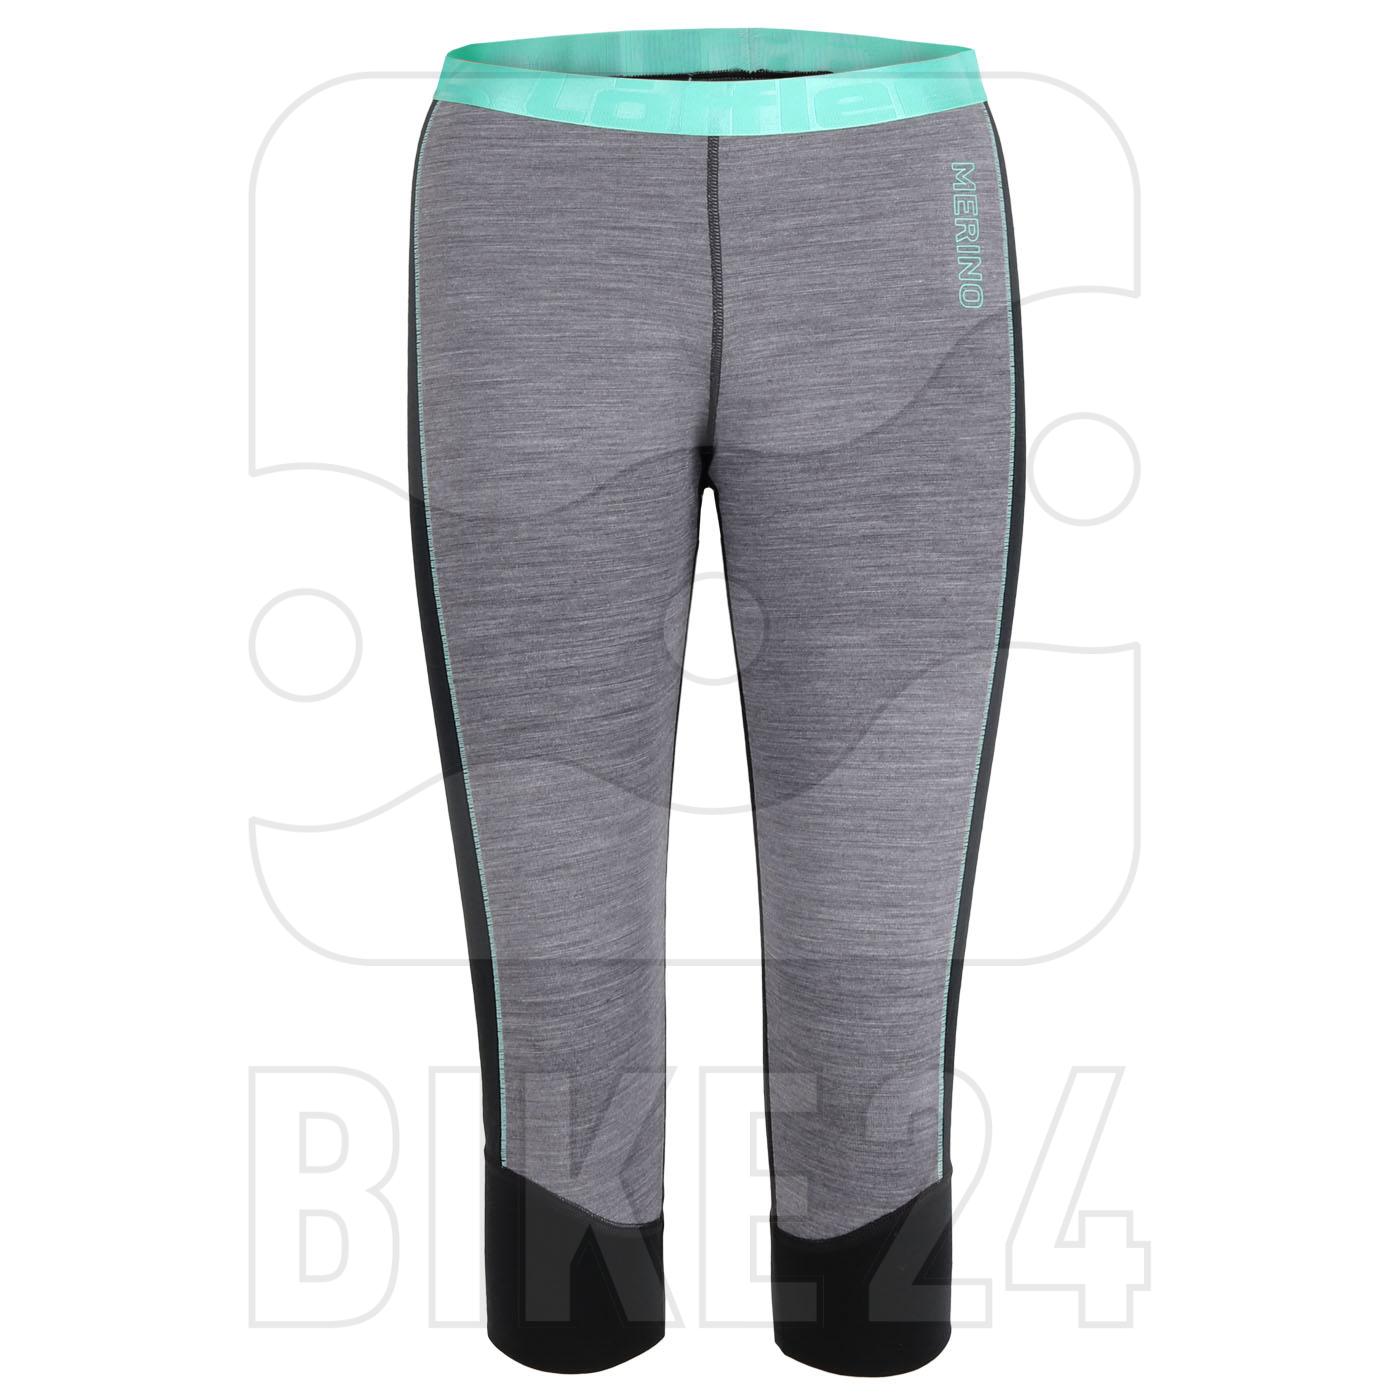 Löffler Underpants 3/4 Transtex Merino Women 24172 - black 999